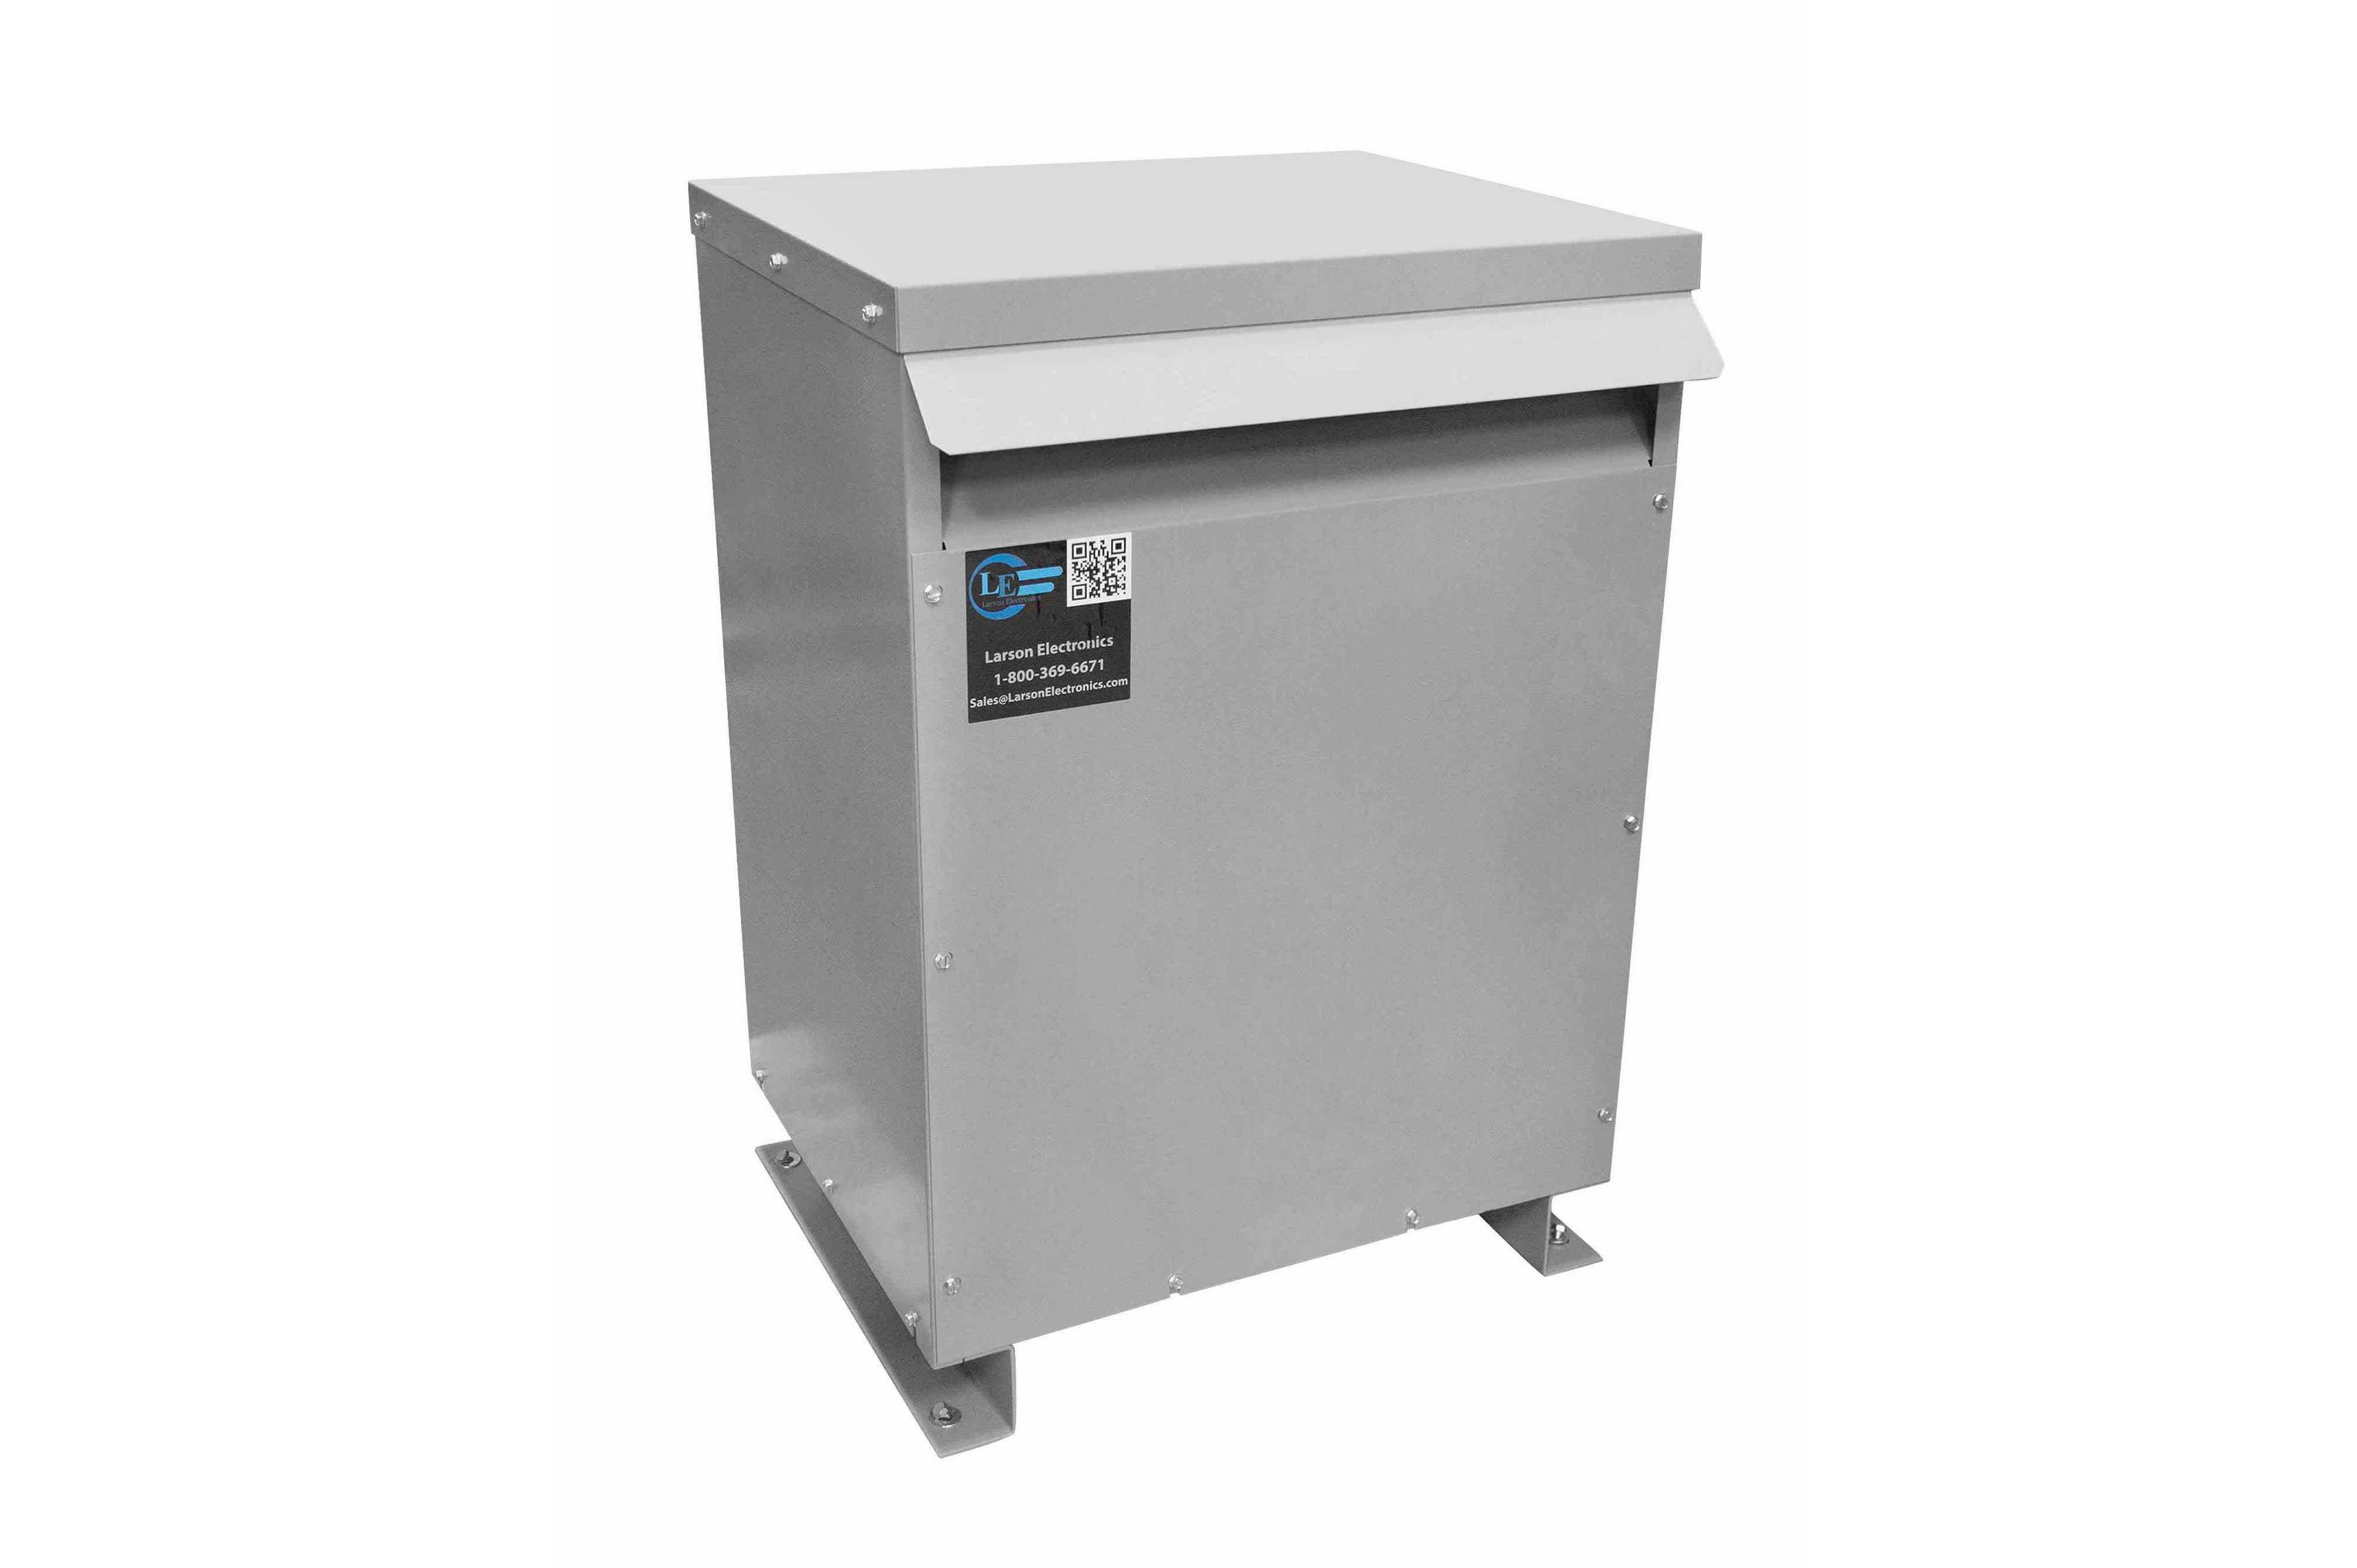 112.5 kVA 3PH Isolation Transformer, 240V Delta Primary, 380V Delta Secondary, N3R, Ventilated, 60 Hz